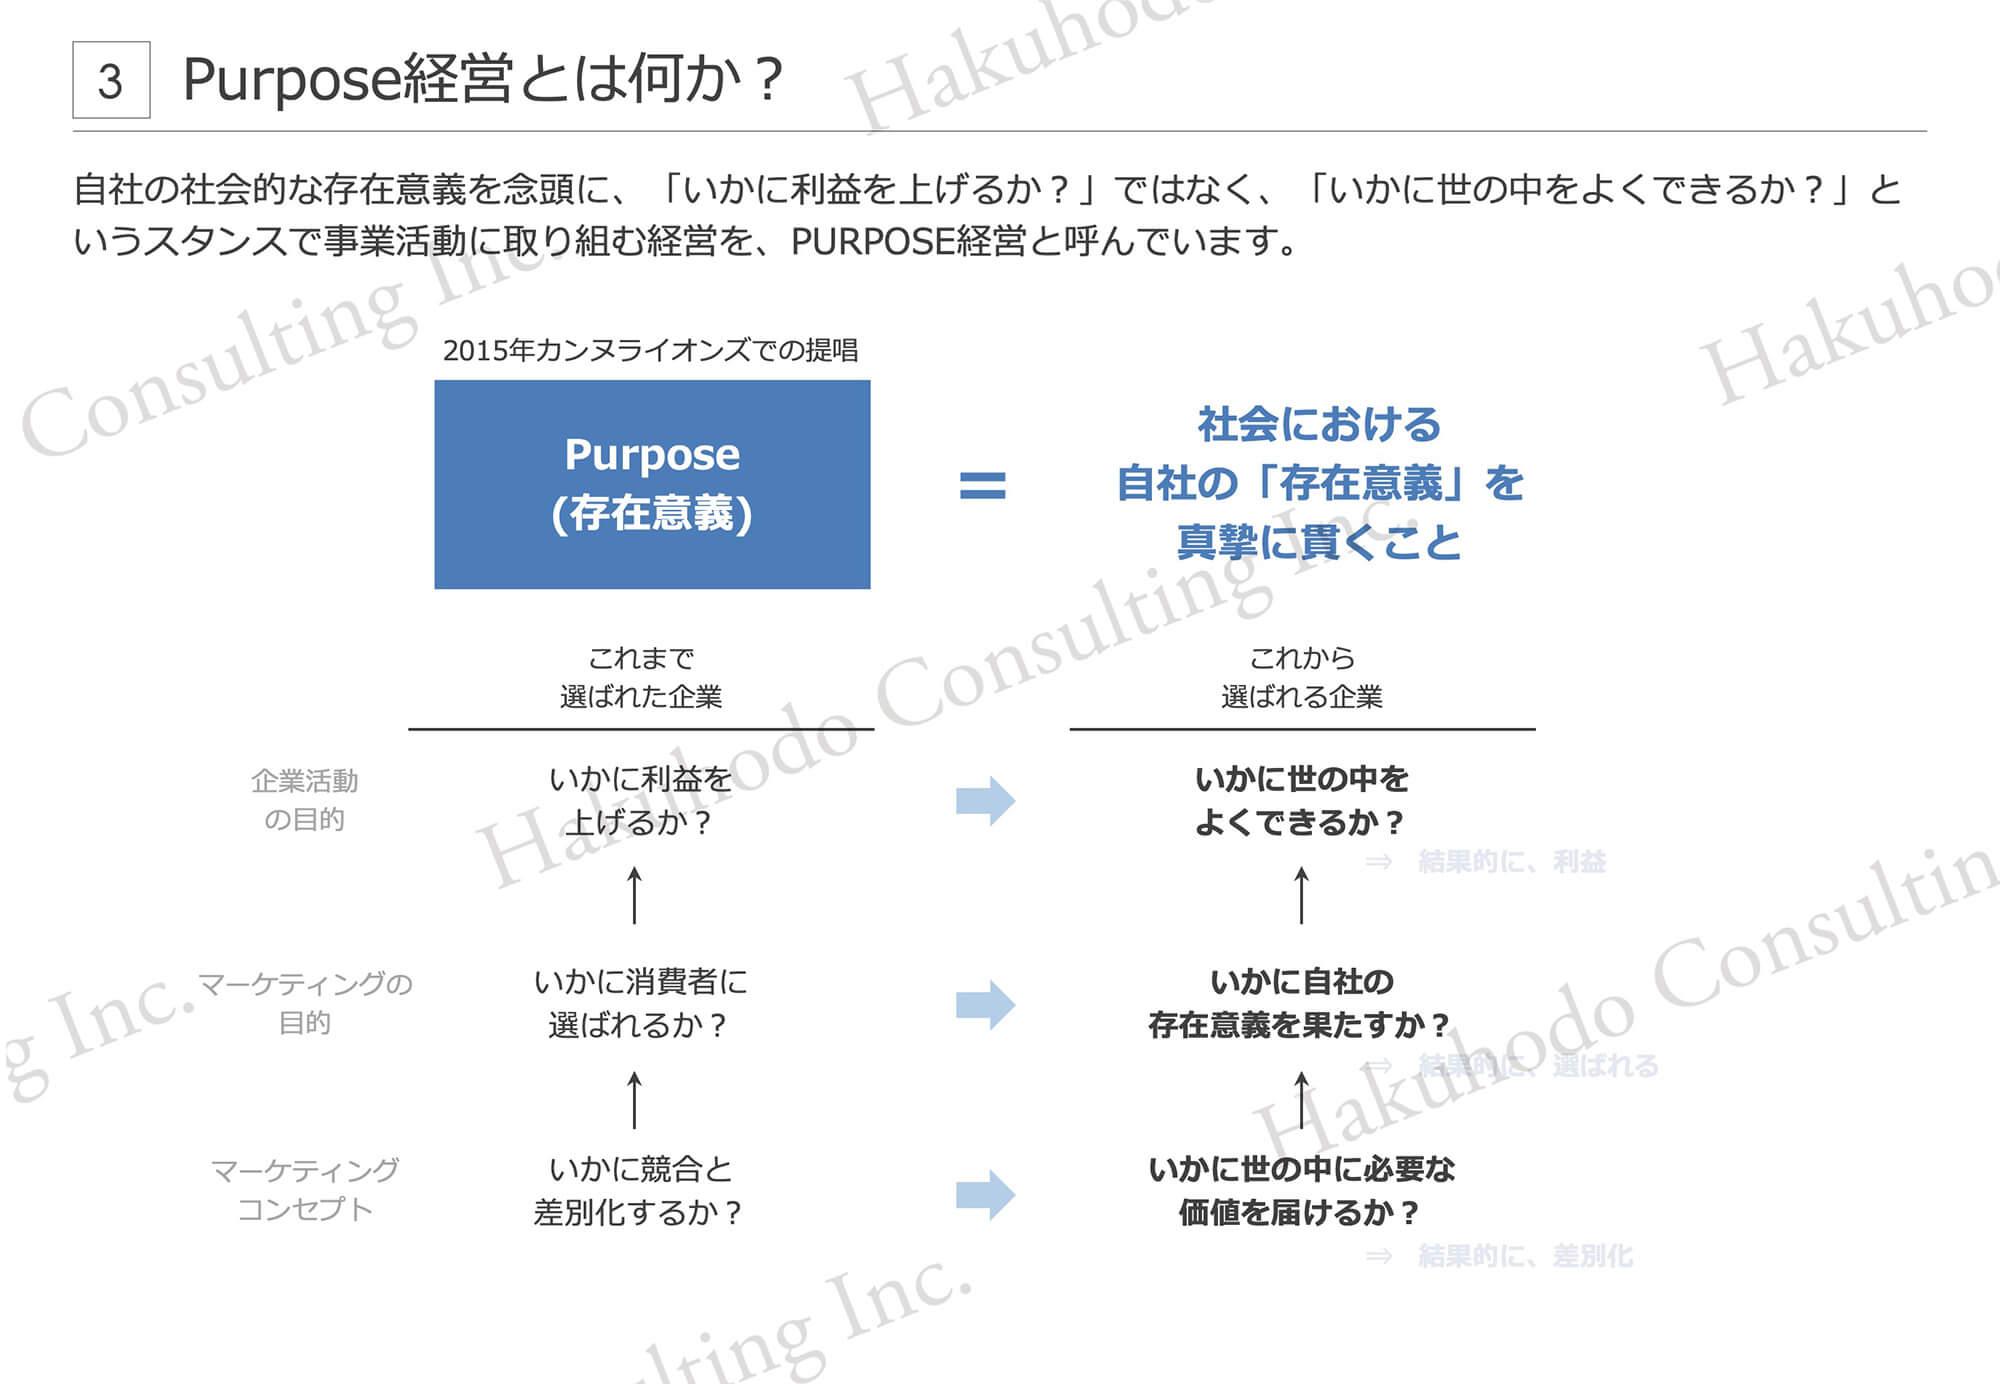 Purpose経営とは何か︖自社の社会的な存在意義を念頭に、「いかに利益を上げるか︖」ではなく、「いかに世の中をよくできるか︖」というスタンスで事業活動に取り組む経営を、PURPOSE経営と呼んでいます。